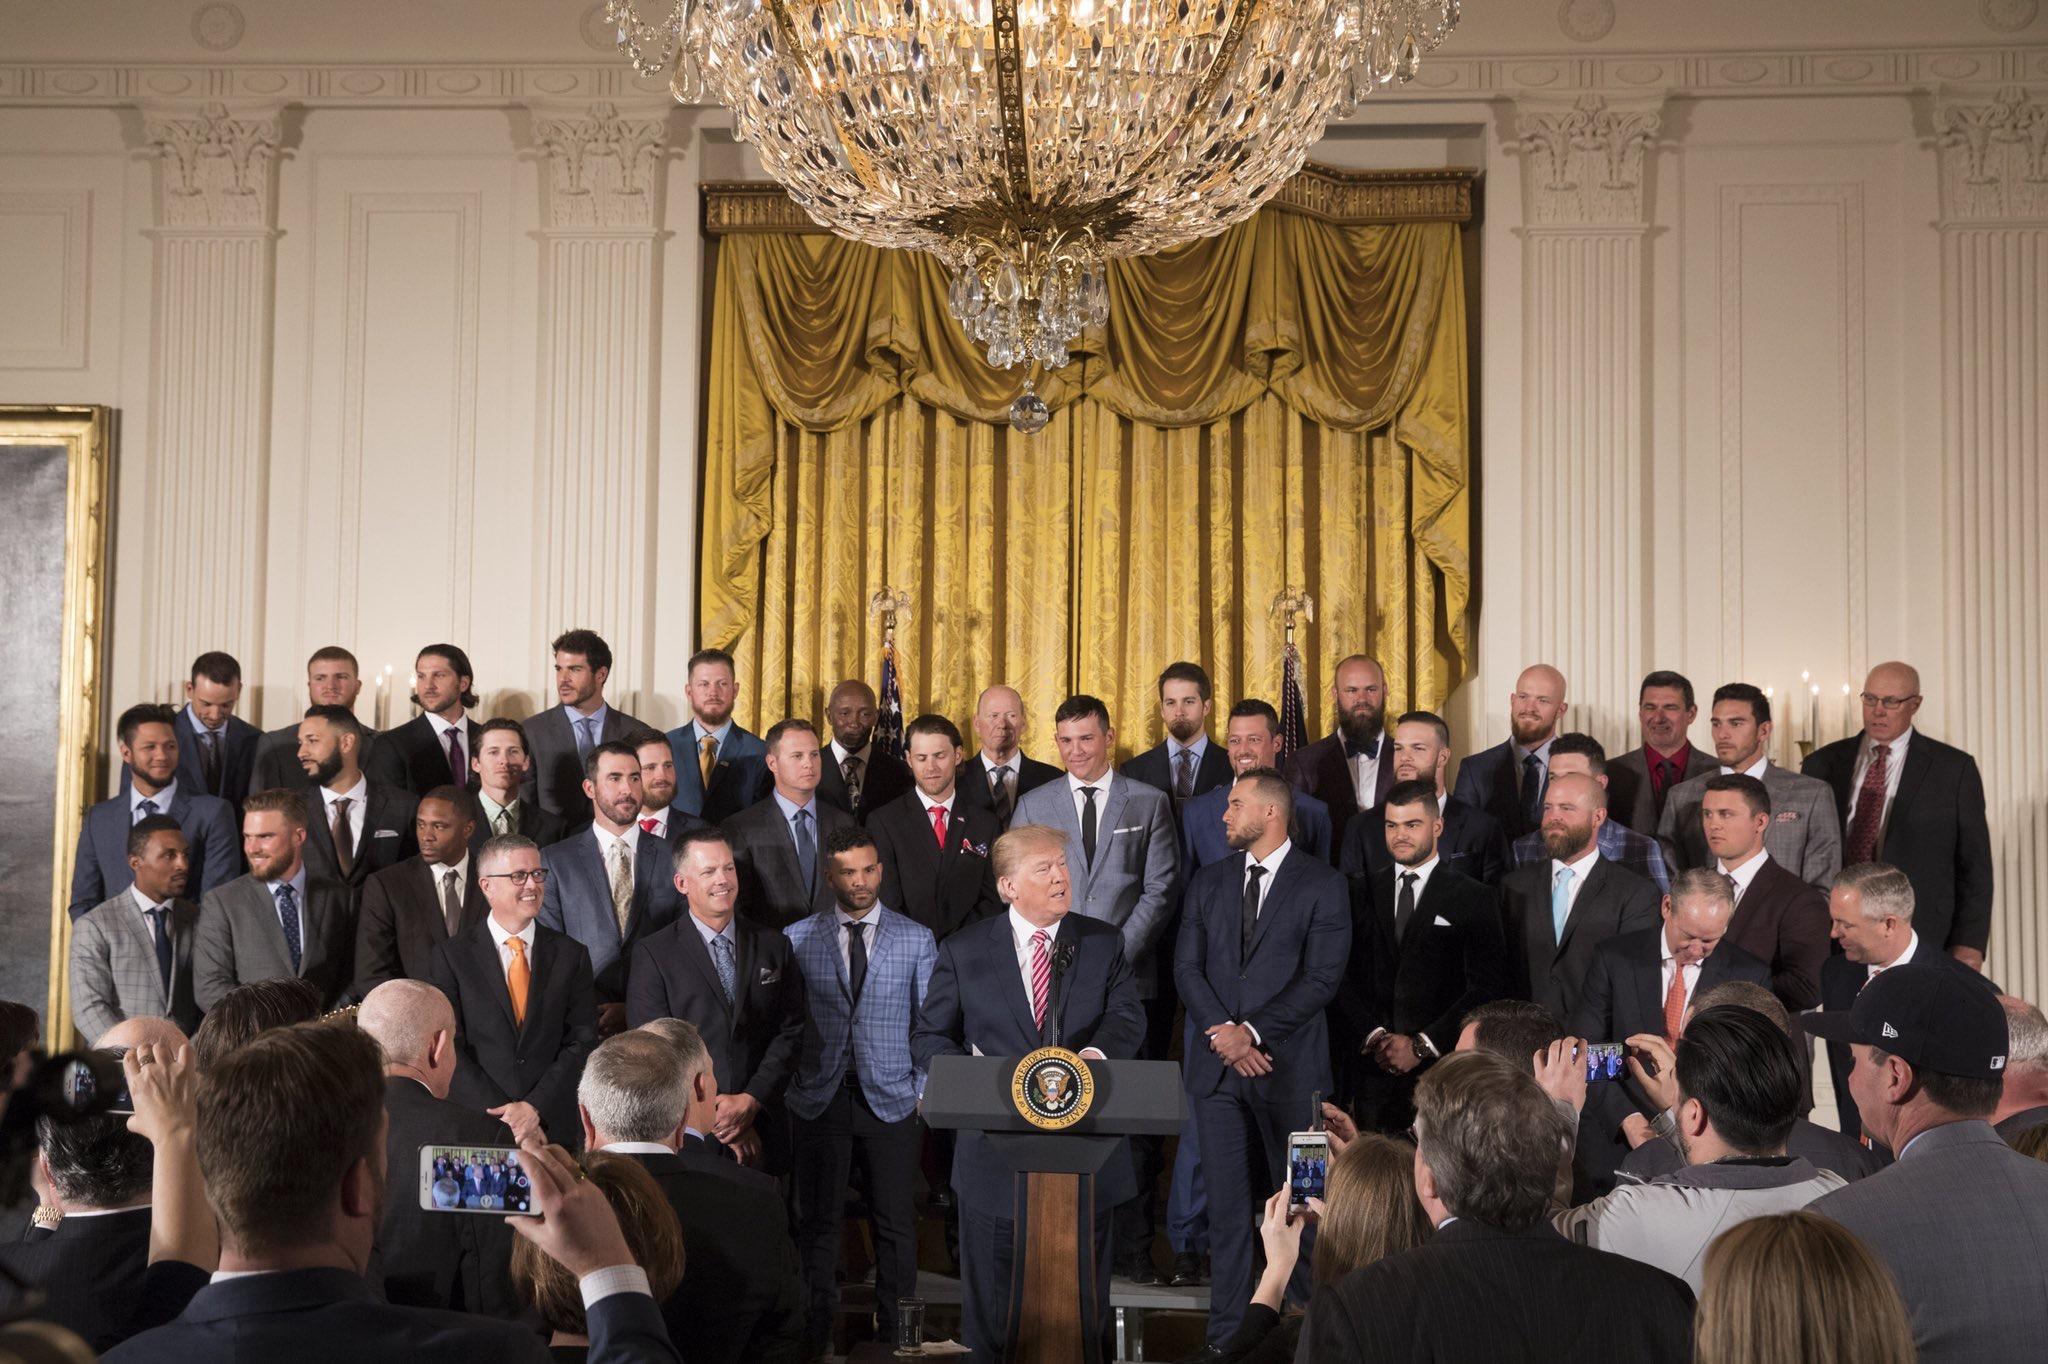 Trump with Astros